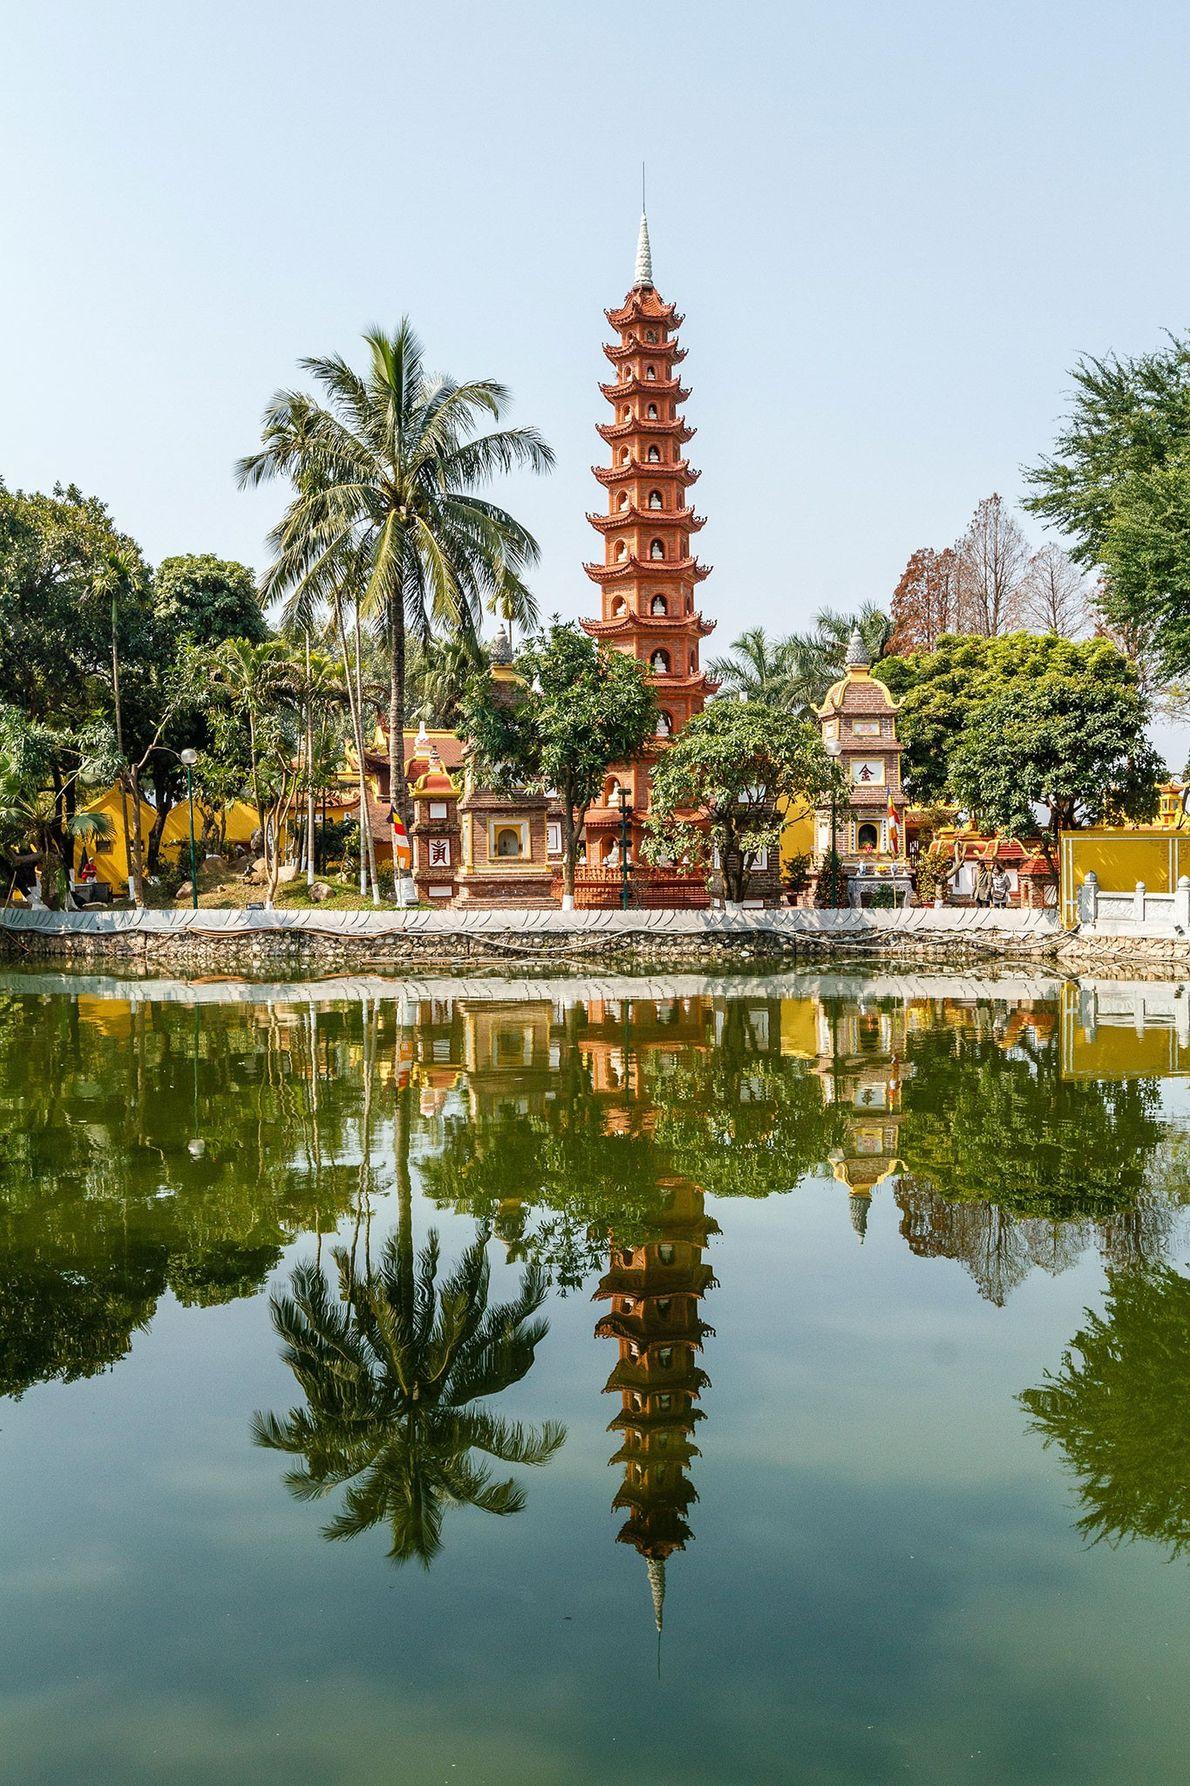 Datant du 6e siècle, la pagode Trấn Quốc flotte sur une petite île entourée par les eaux ...